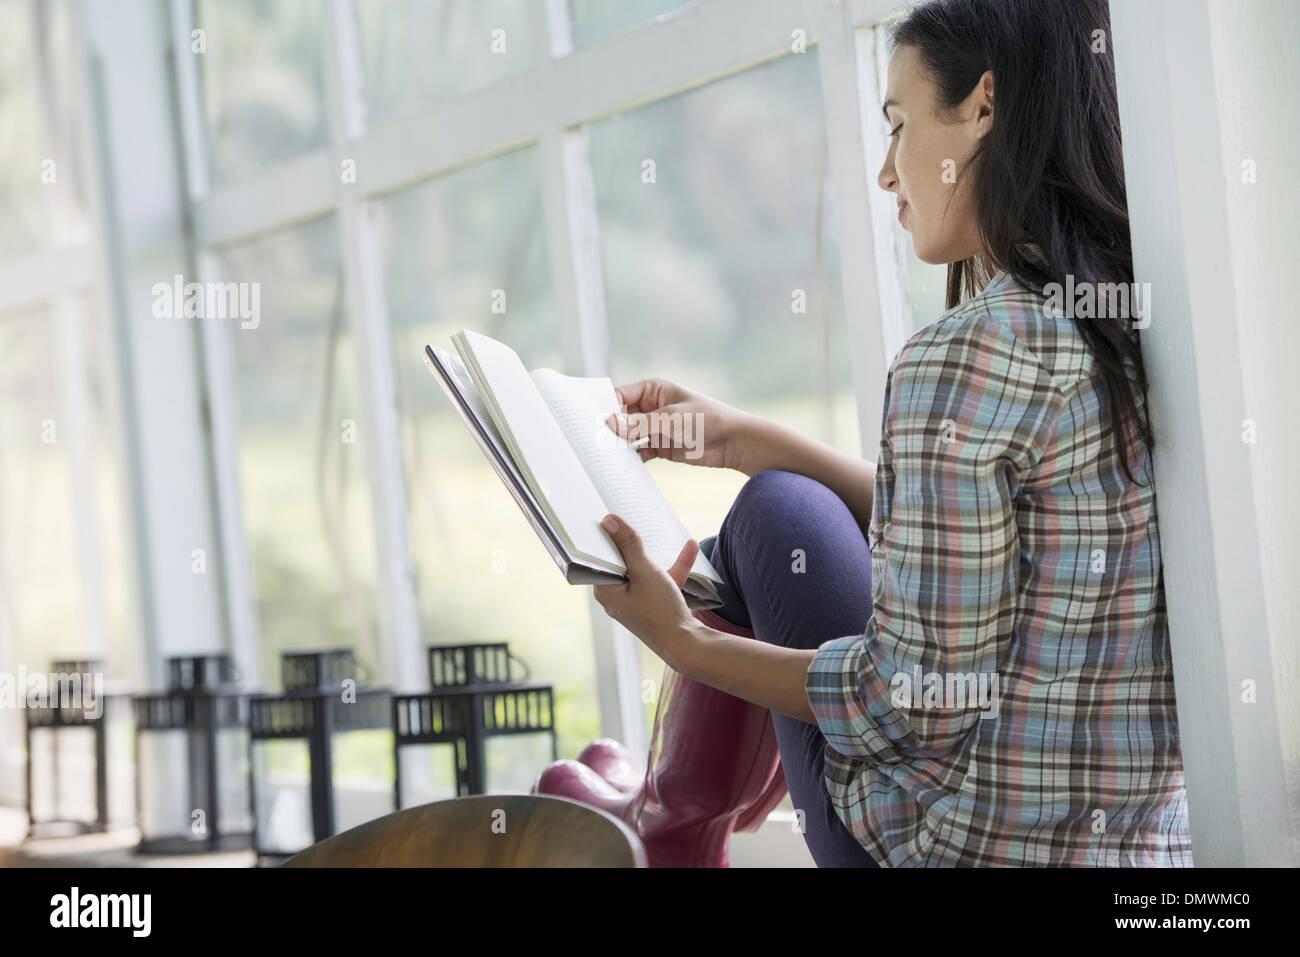 Eine junge Frau sitzt ein Buch zu lesen. Stockbild